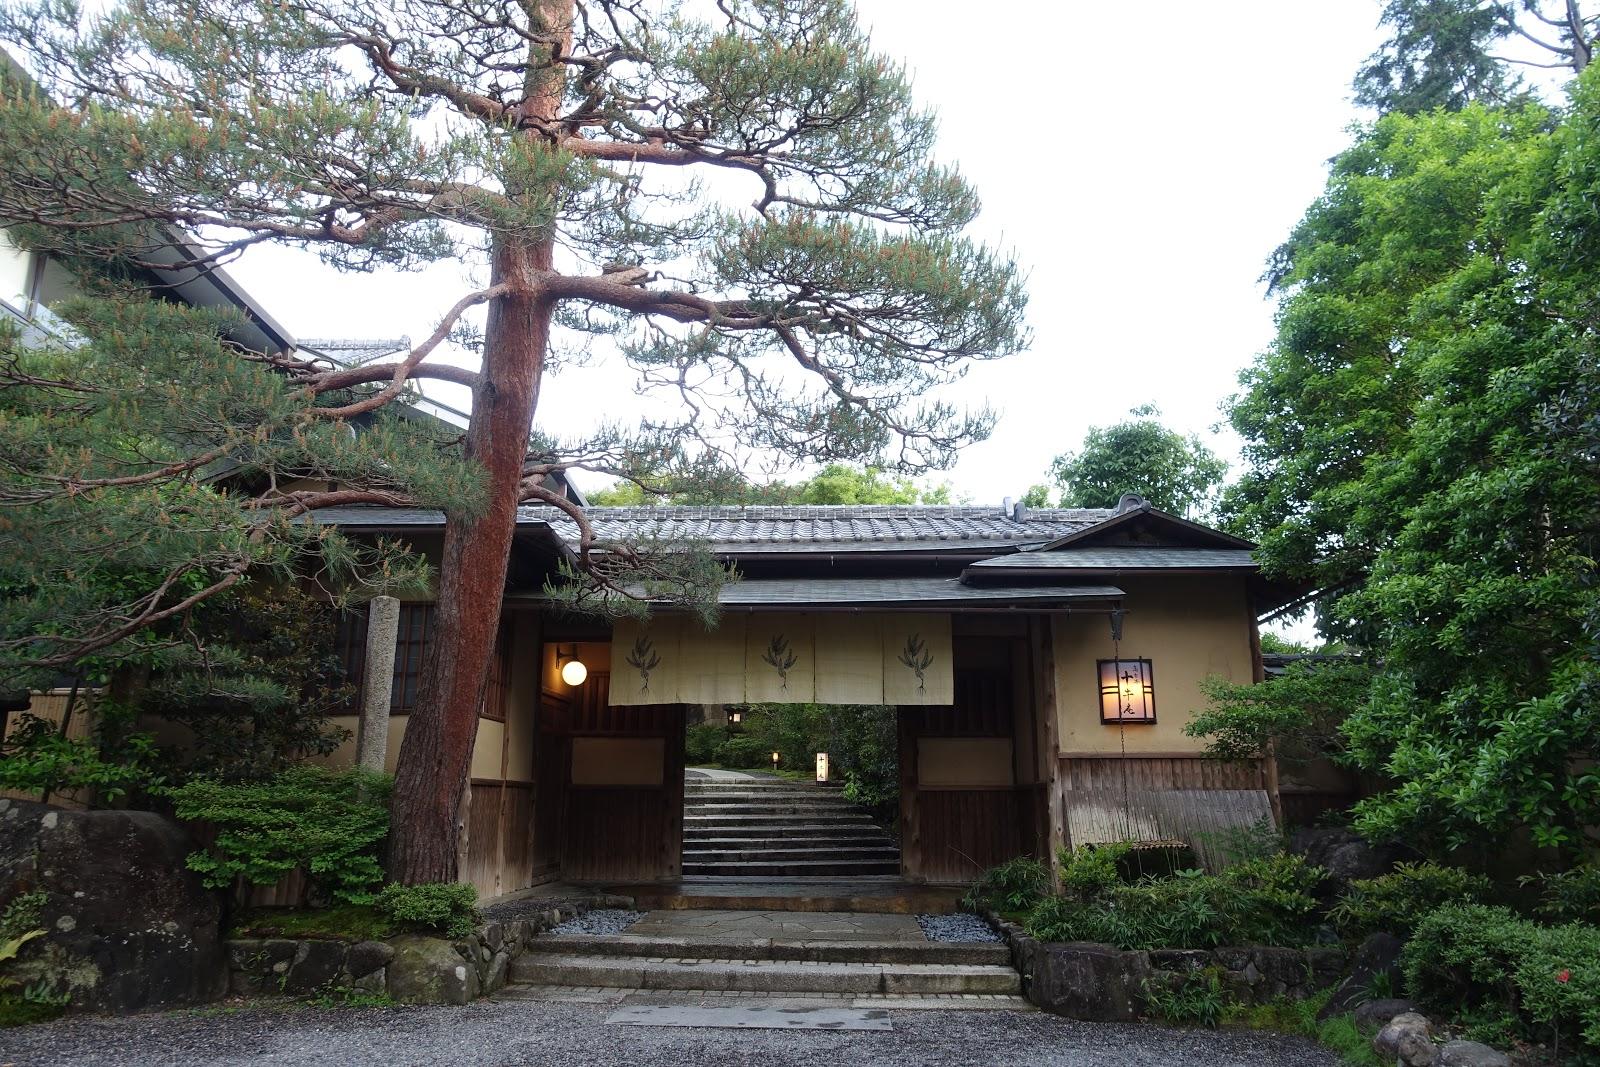 タケマシュラン: 十牛庵/高台寺(京都)